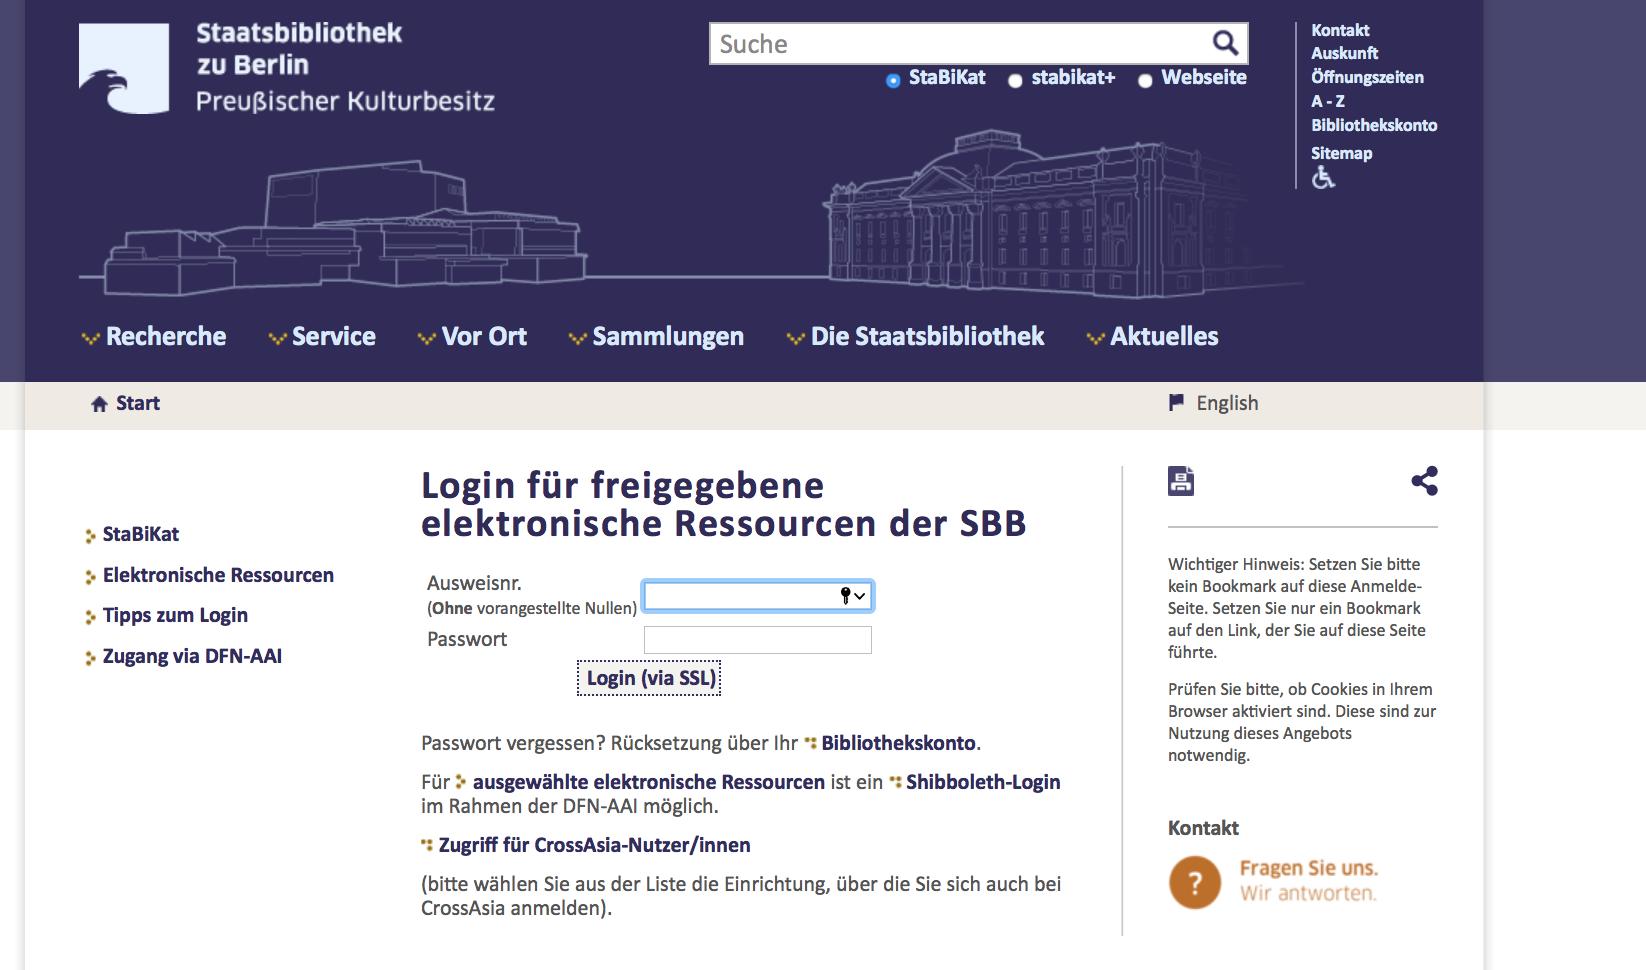 Stabi Katalog Remote Access Nutzernummer eingeben E-Book